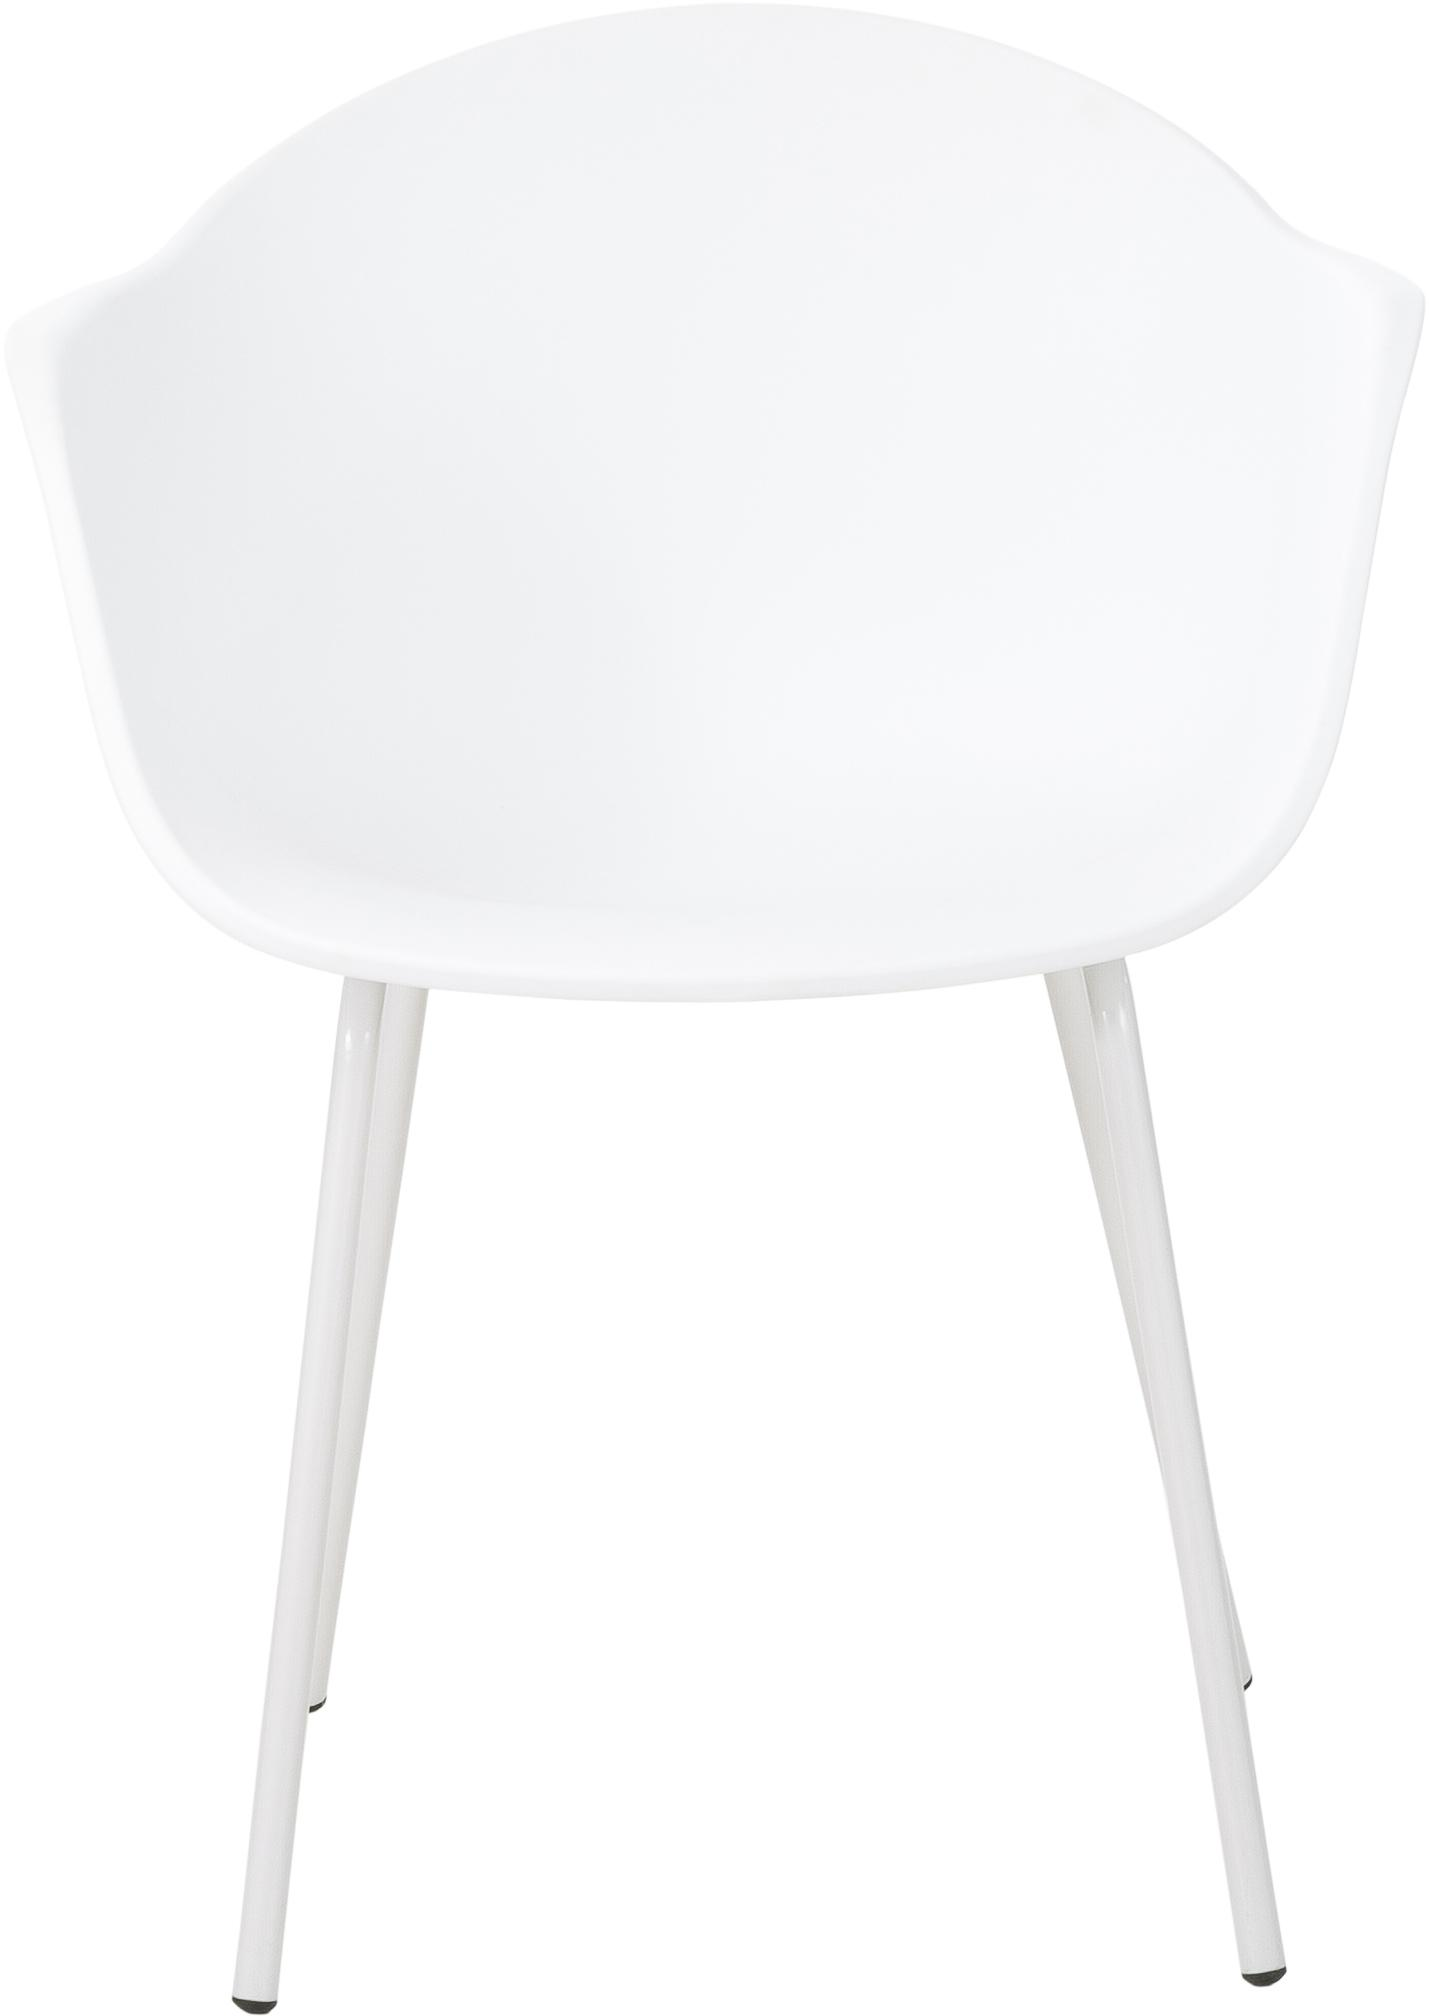 Chaise scandinave plastique Claire, Blanc